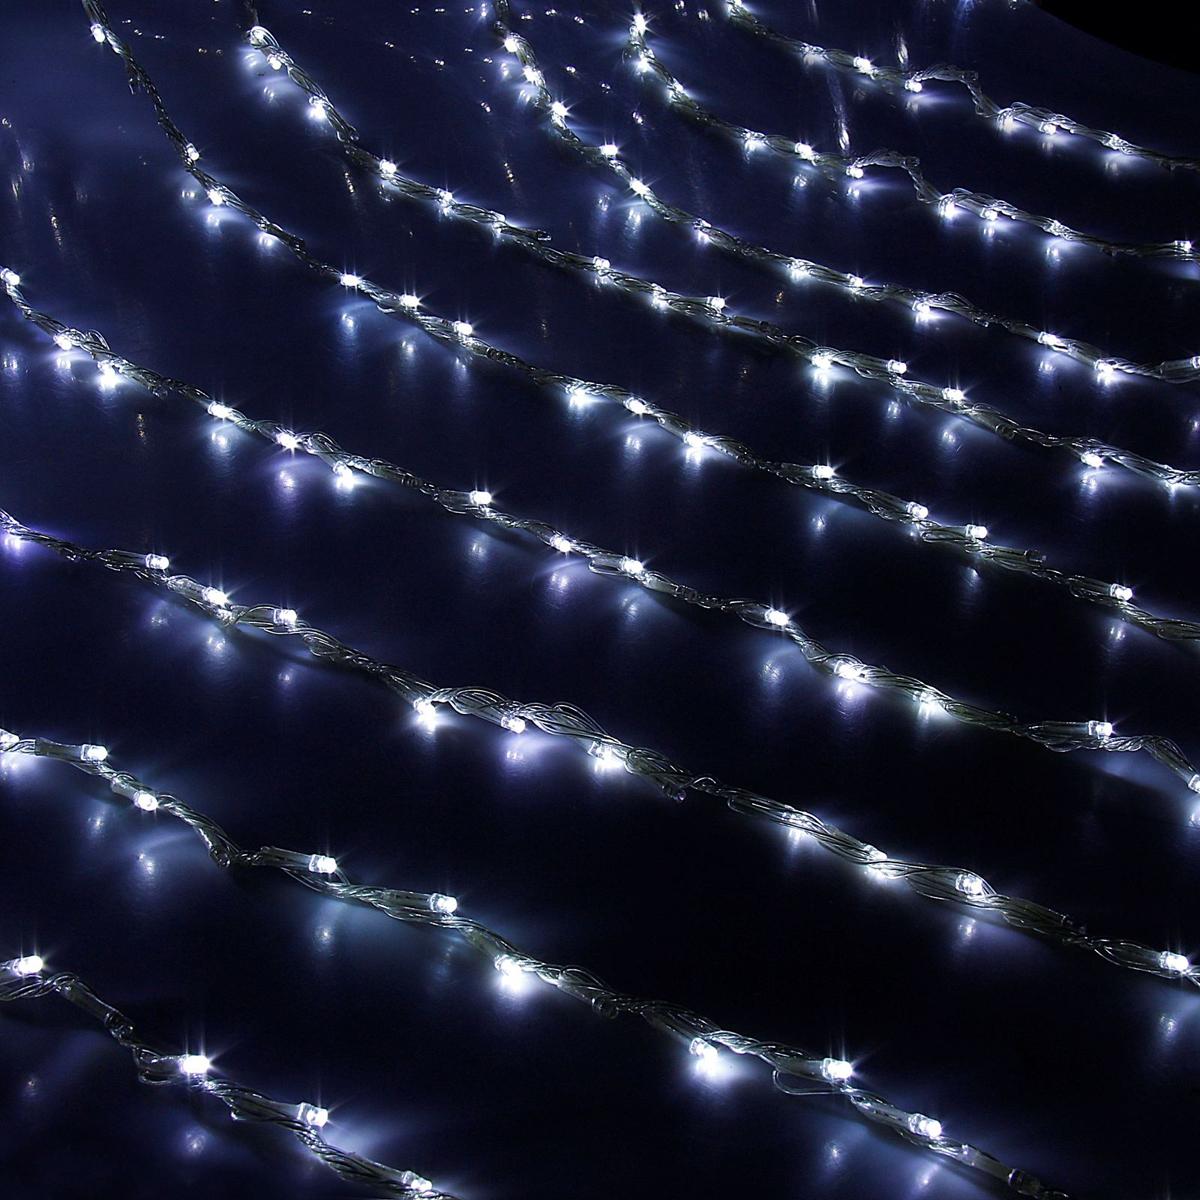 Гирлянда светодиодная Luazon Дождь, цвет: белый, 800 ламп, 8 режимов, 220 V, 2 х 3 м. 705970705970Светодиодные гирлянды и ленты — это отличный вариант для новогоднего оформления интерьера или фасада. С их помощью помещение любого размера можно превратить в праздничный зал, а внешние элементы зданий, украшенные ими, мгновенно станут напоминать очертания сказочного дворца. Такие украшения создают ауру предвкушения чуда. Деревья, фасады, витрины, окна и арки будто специально созданы, чтобы вы украсили их светящимися нитями.